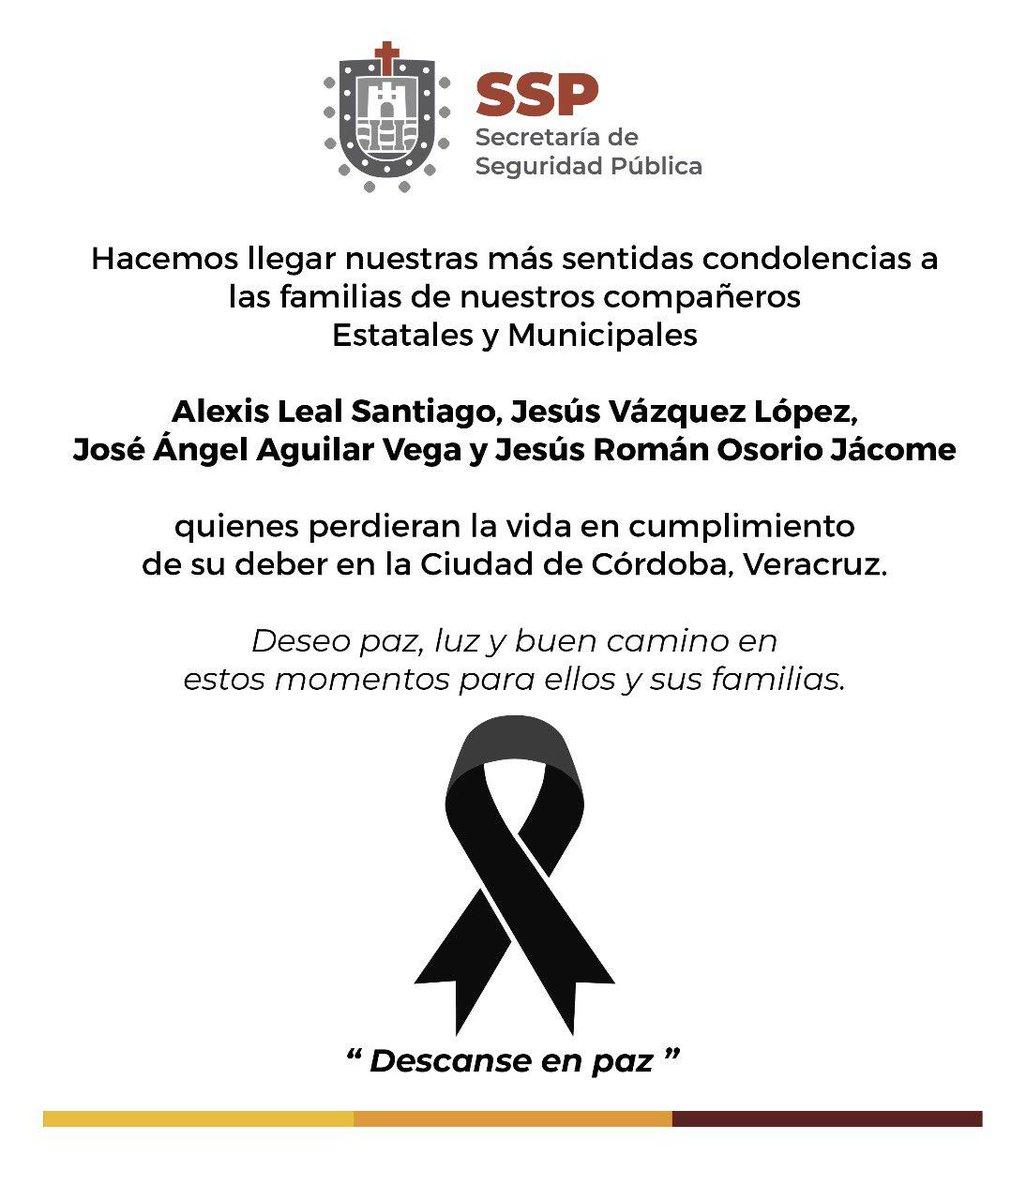 ✅#CórdobaOrizaba @SP_Veracruz da a conocer nombres de policías fallecidos en Córdoba ➡️https://bit.ly/2wwysMz#OlivaNoticias #Multimedios